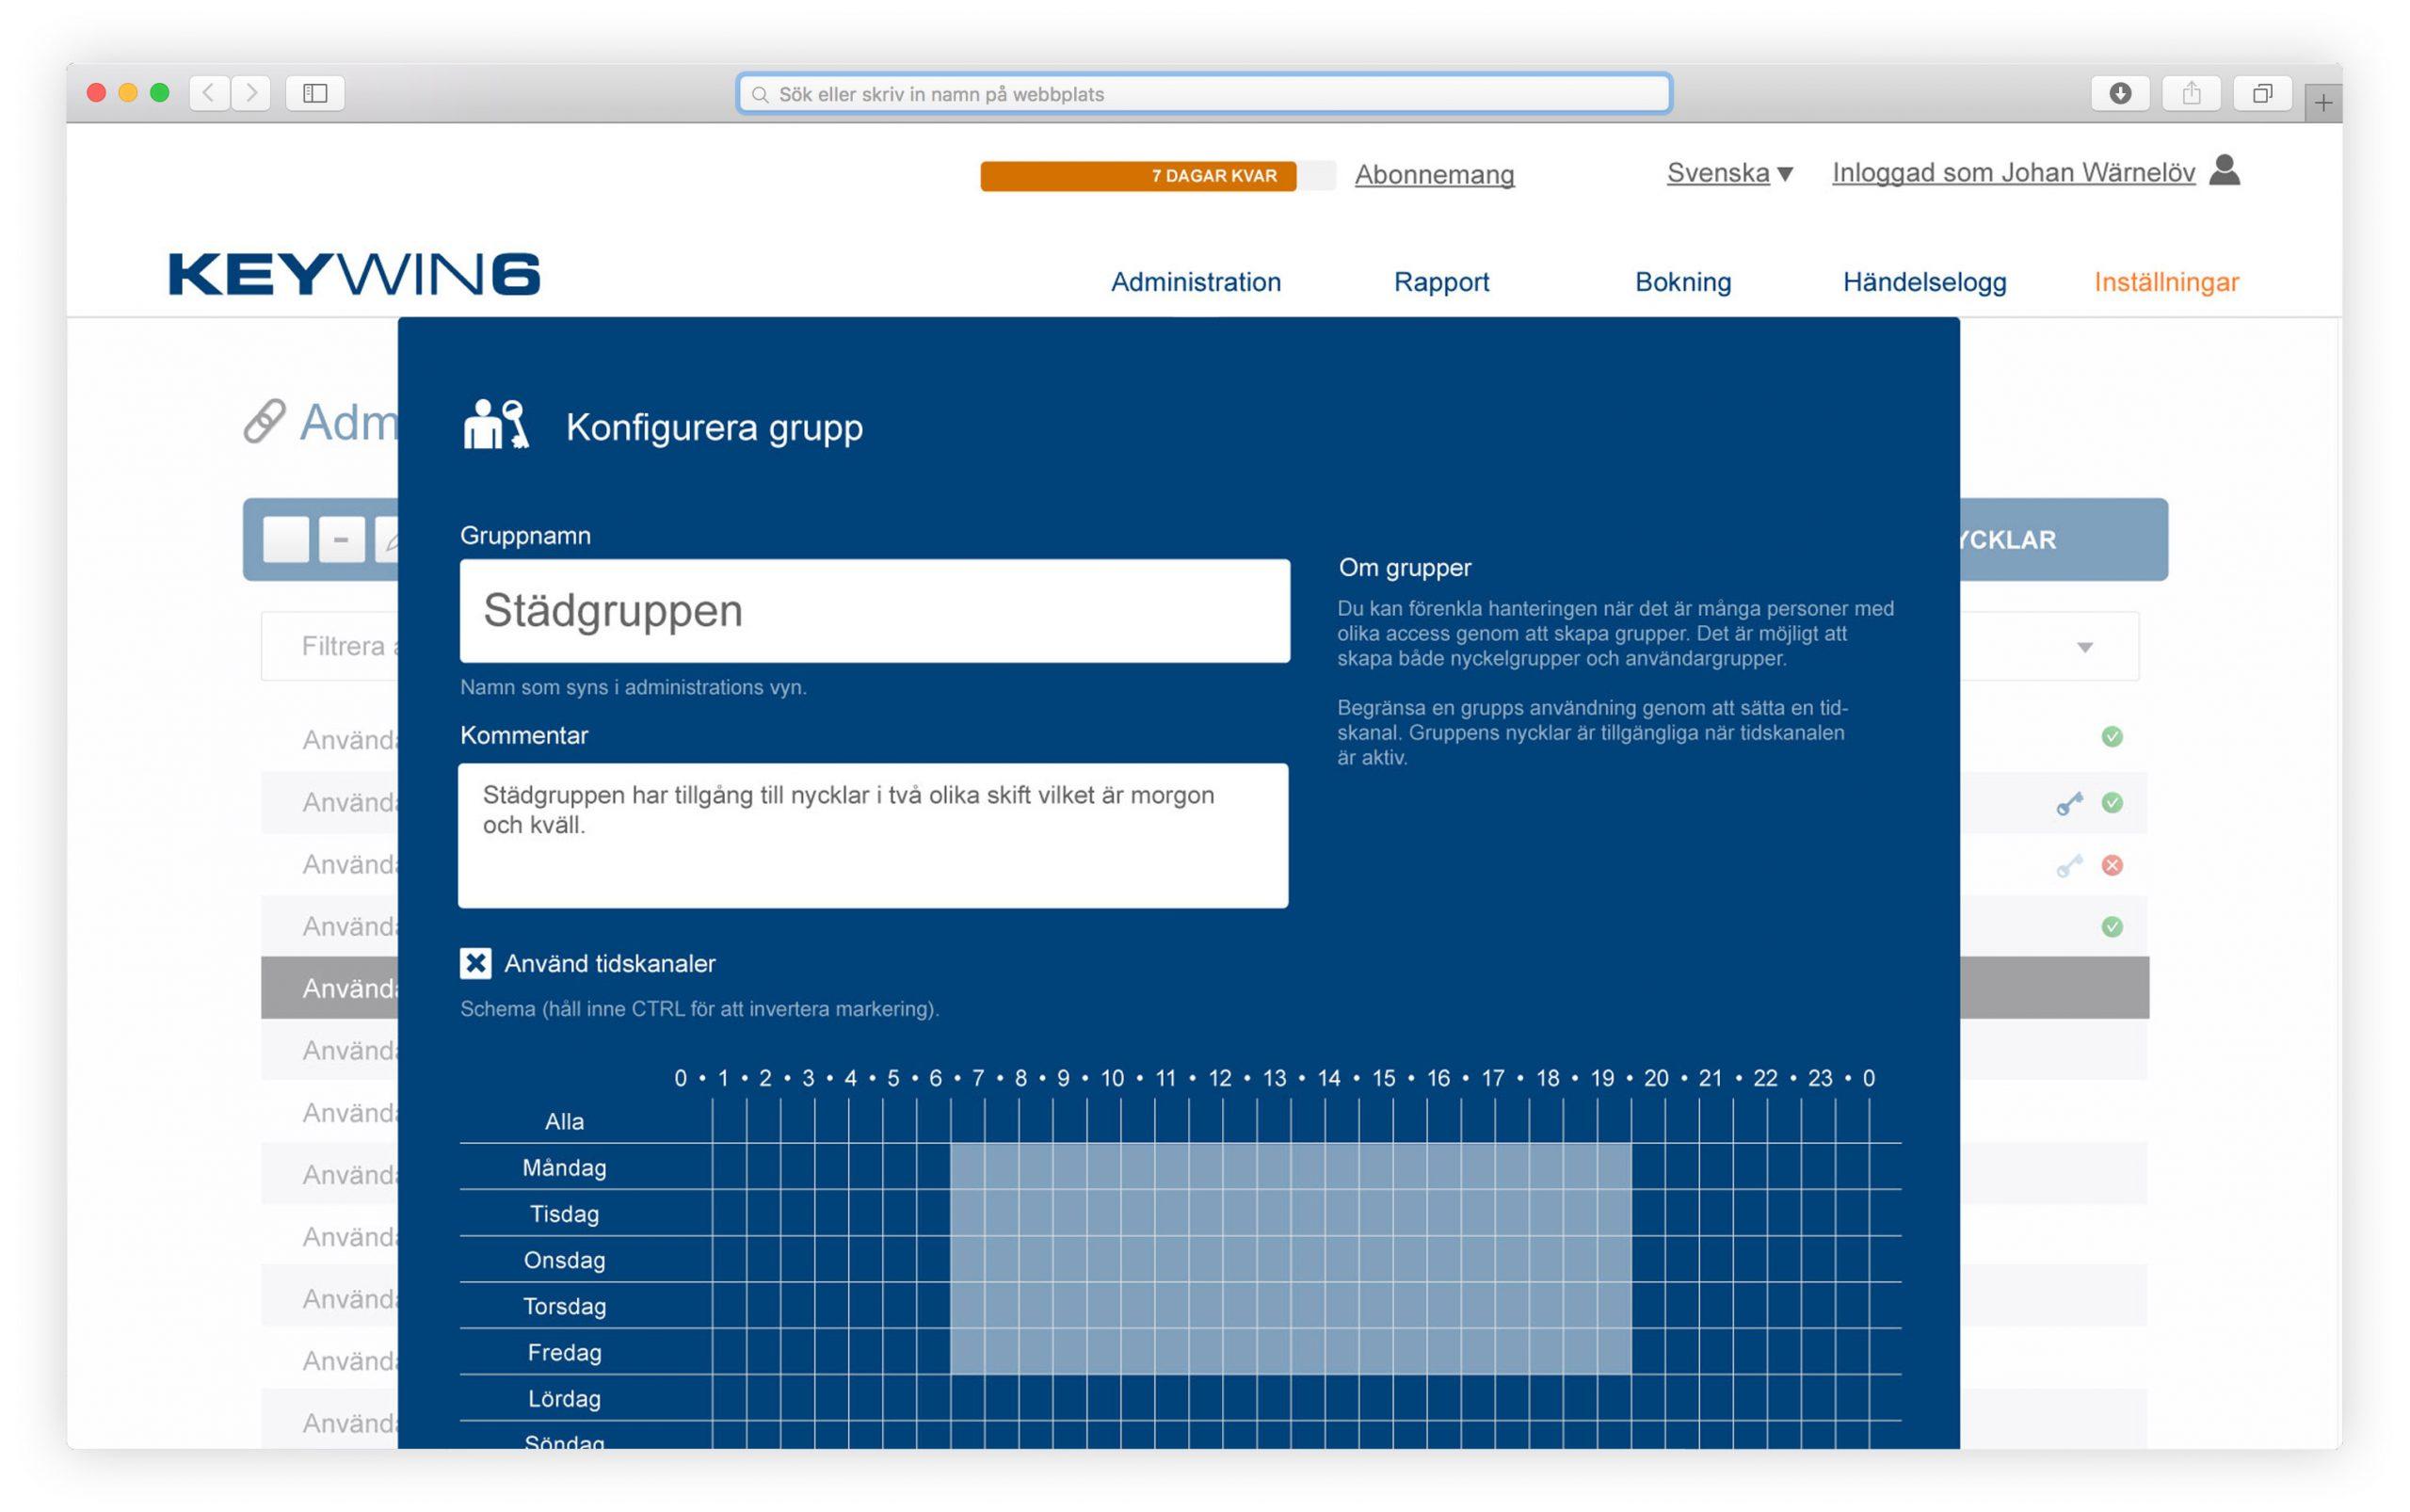 Benutzergruppe und Zeitfenster in der Schlüsselverwaltungssoftware KeyWin